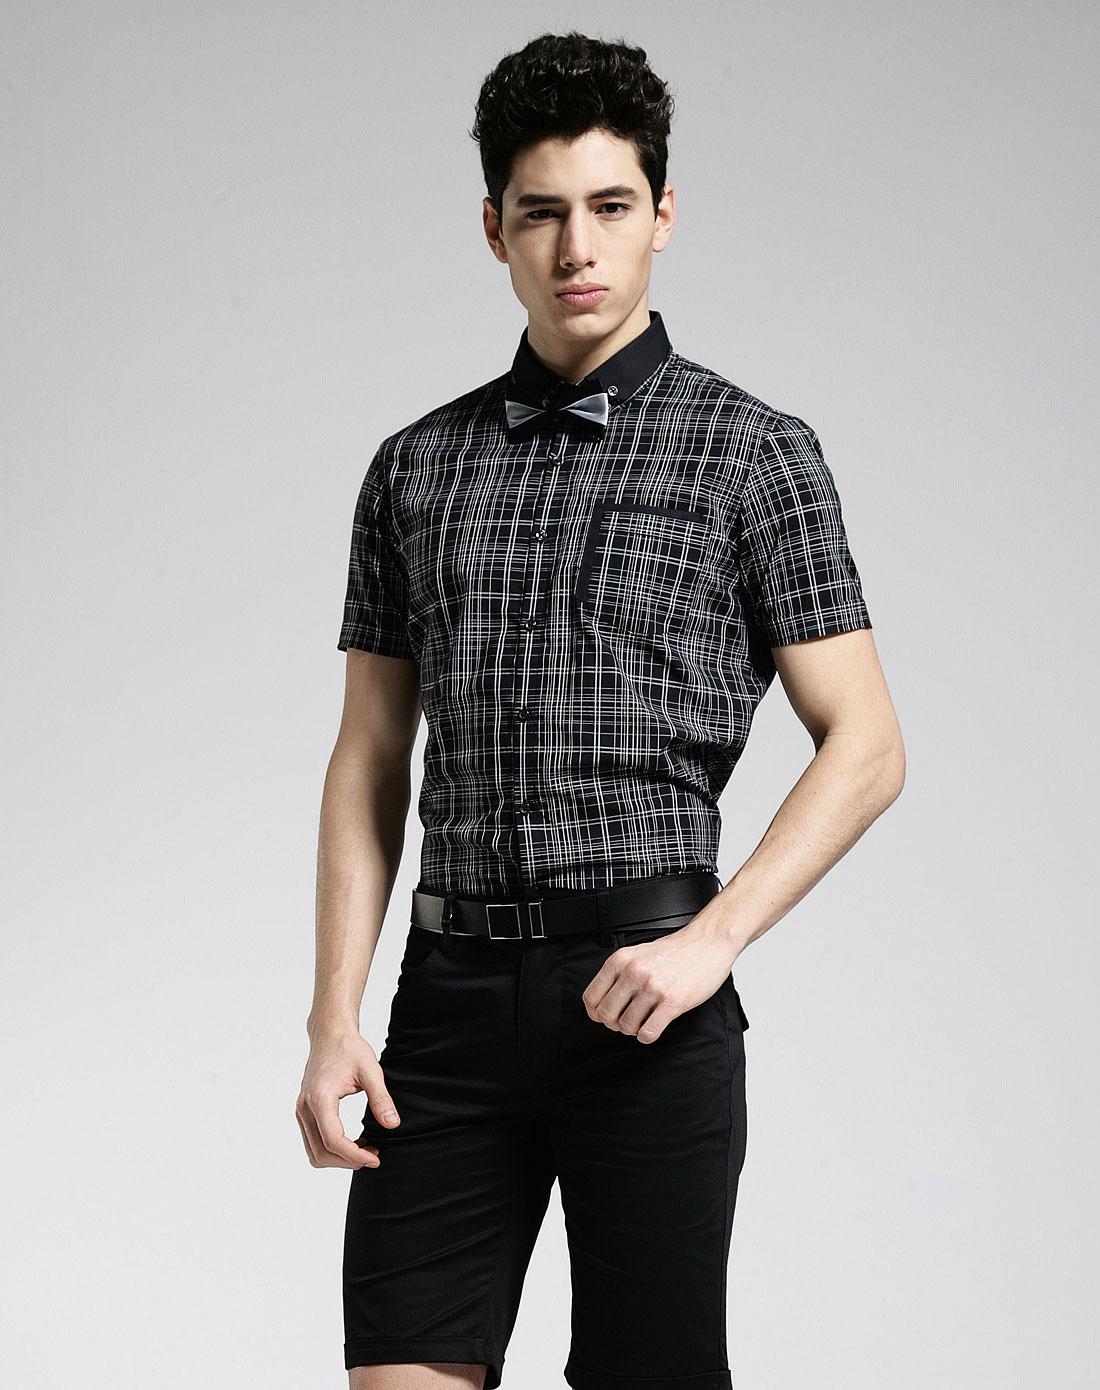 1978男装混合专场-gxg 黑/白色格纹时尚短袖衬衫